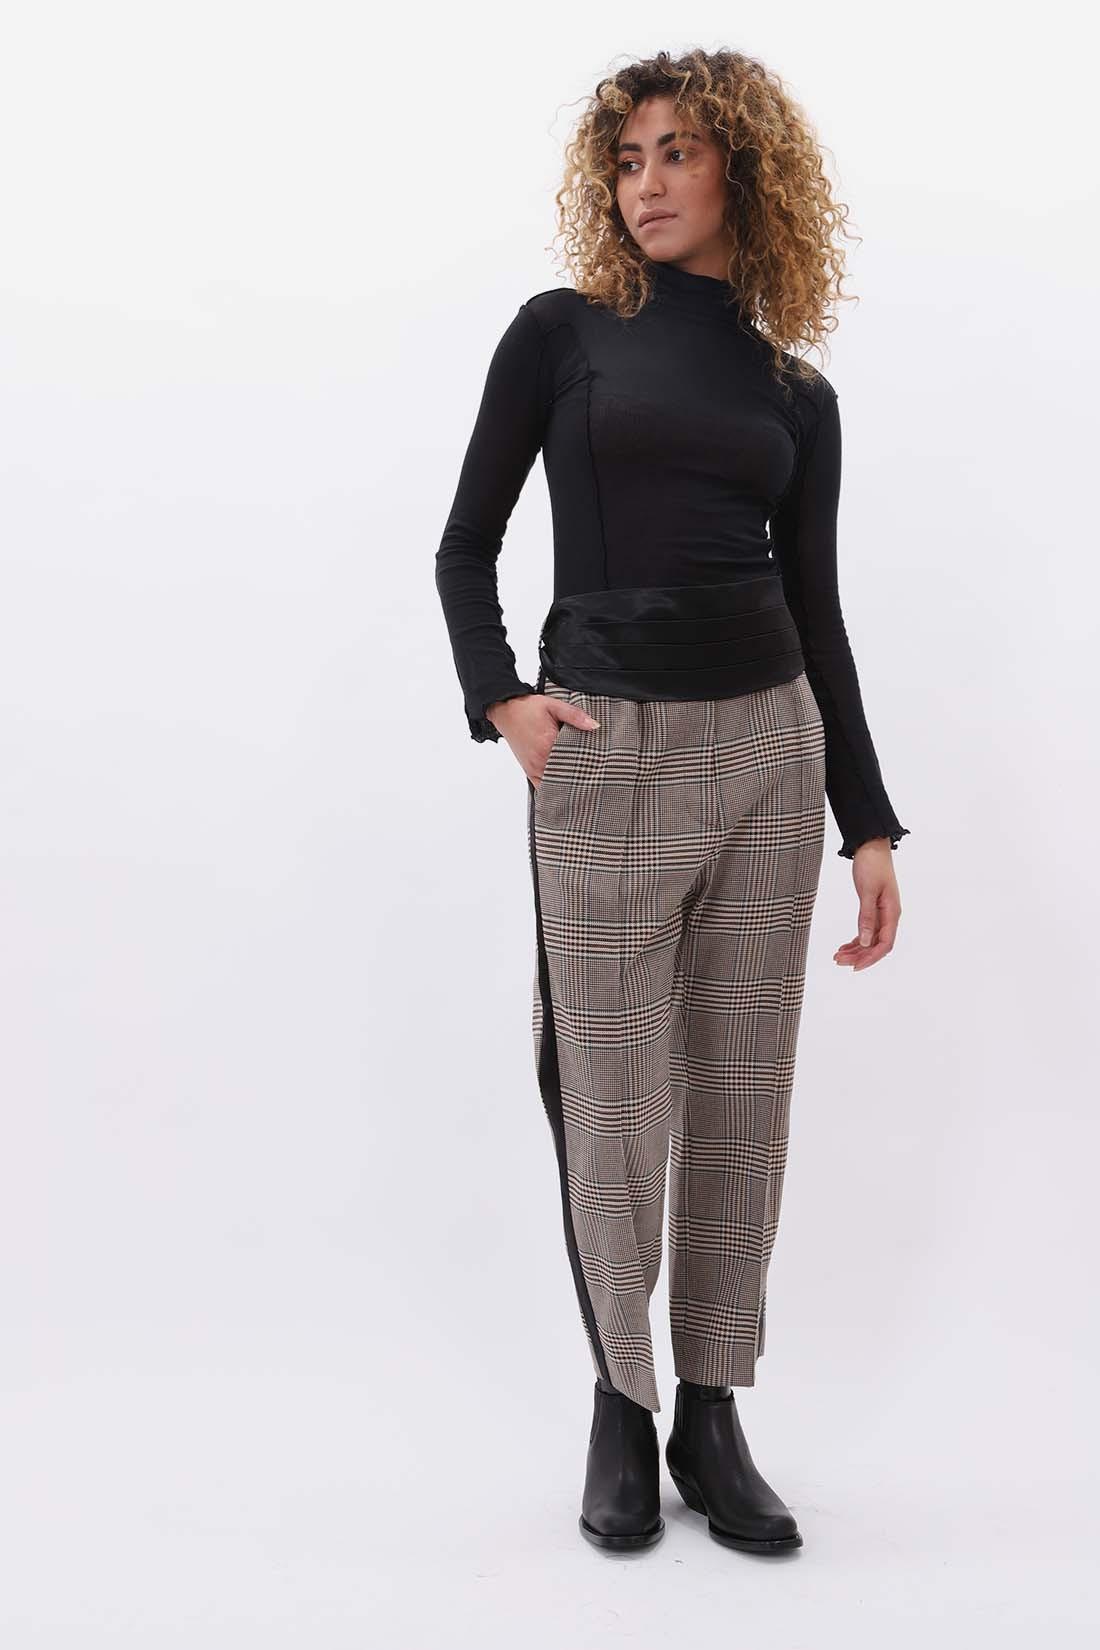 MM6 MAISON MARGIELA FOR WOMAN / Belt tartan trousers Beige